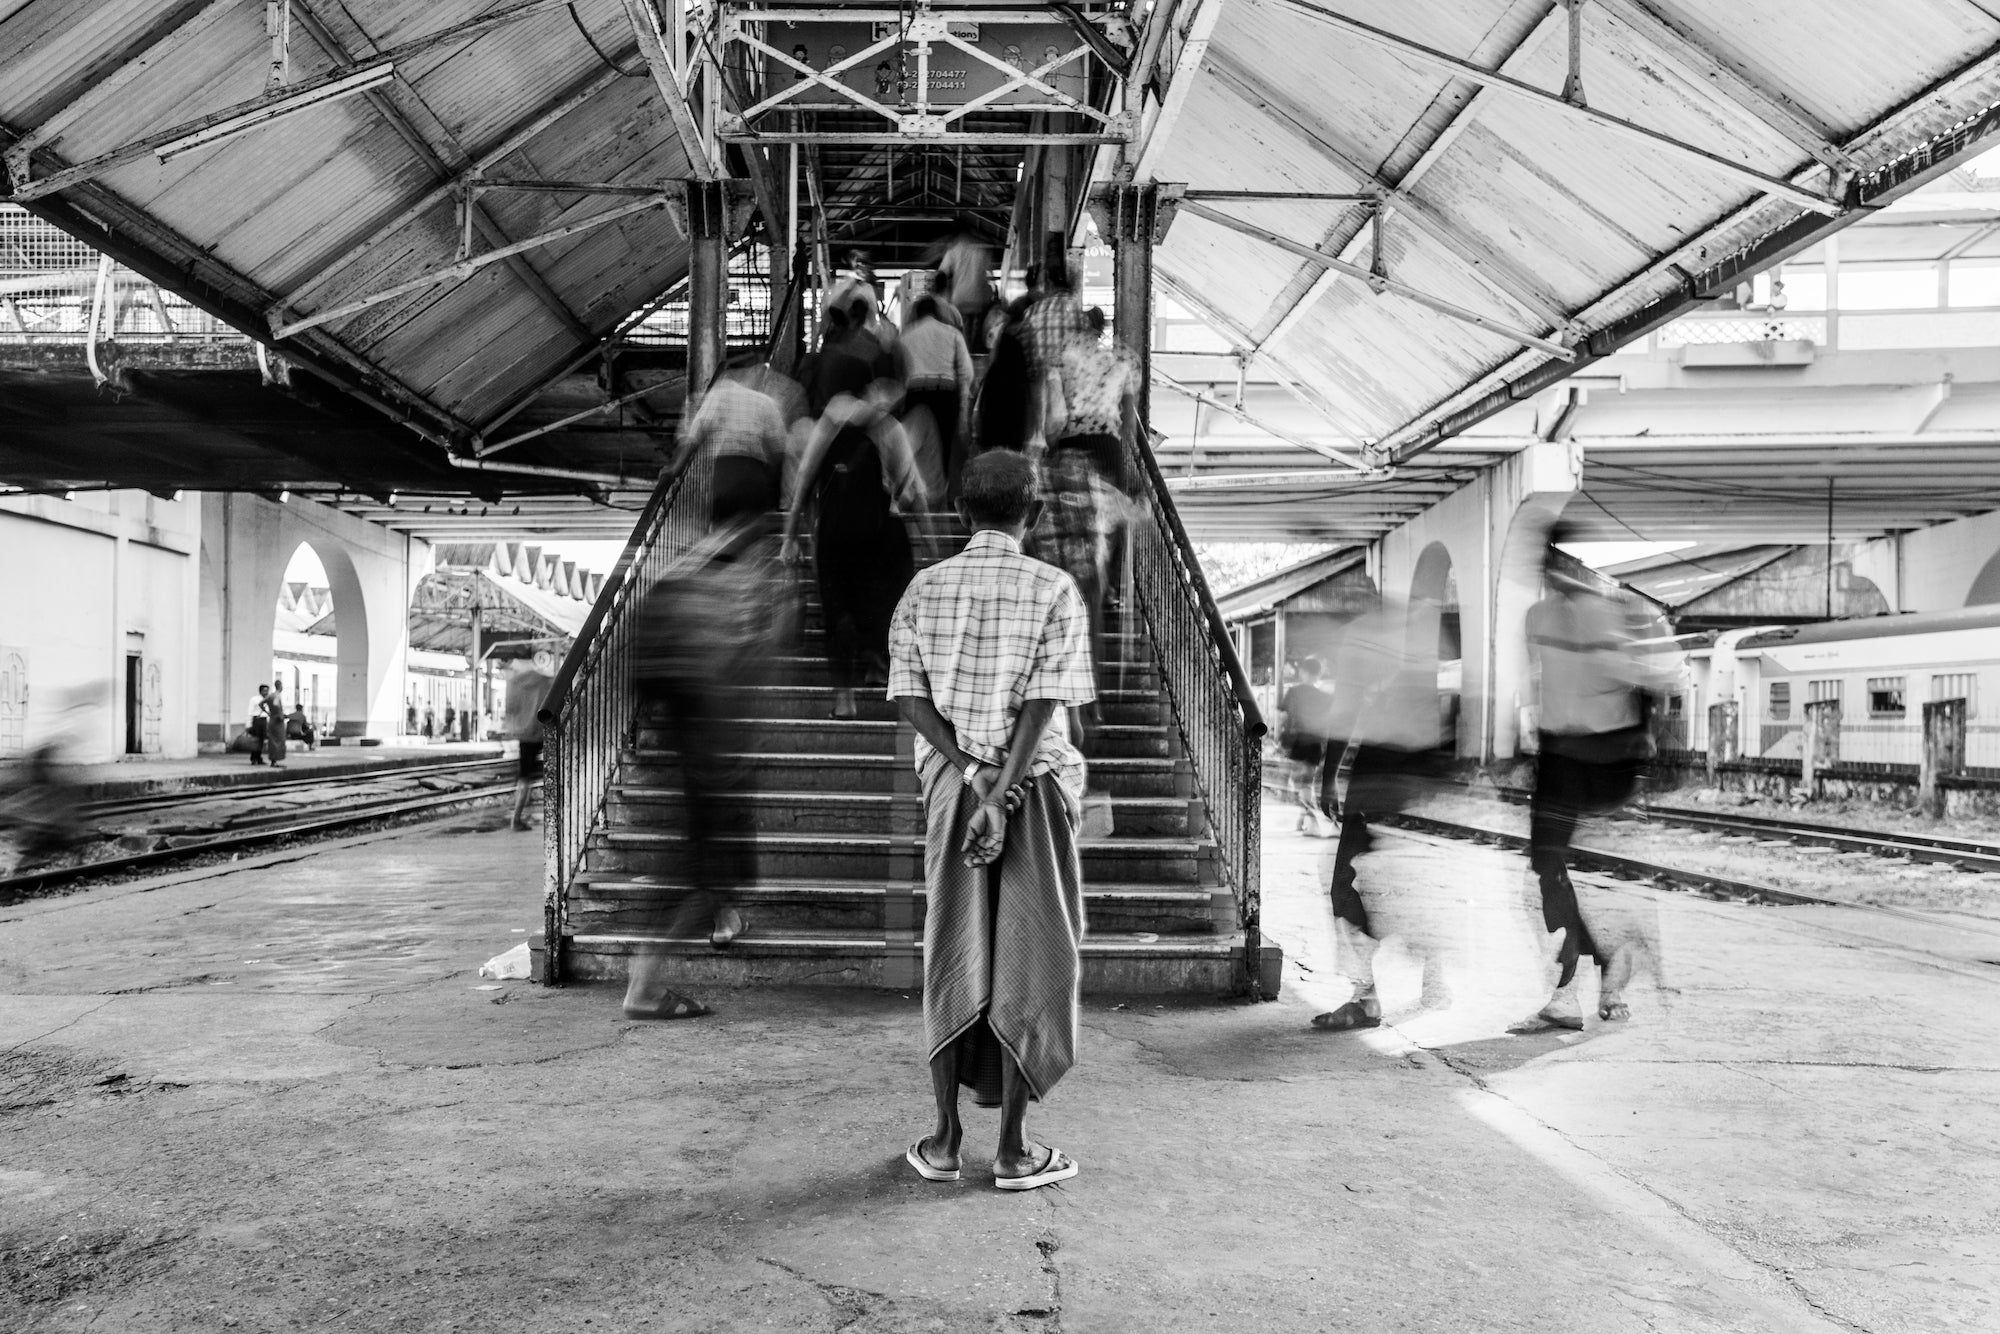 Alpha-Universe-BTS-Jason-Jackson-Yangon-Train-Station-1.jpg